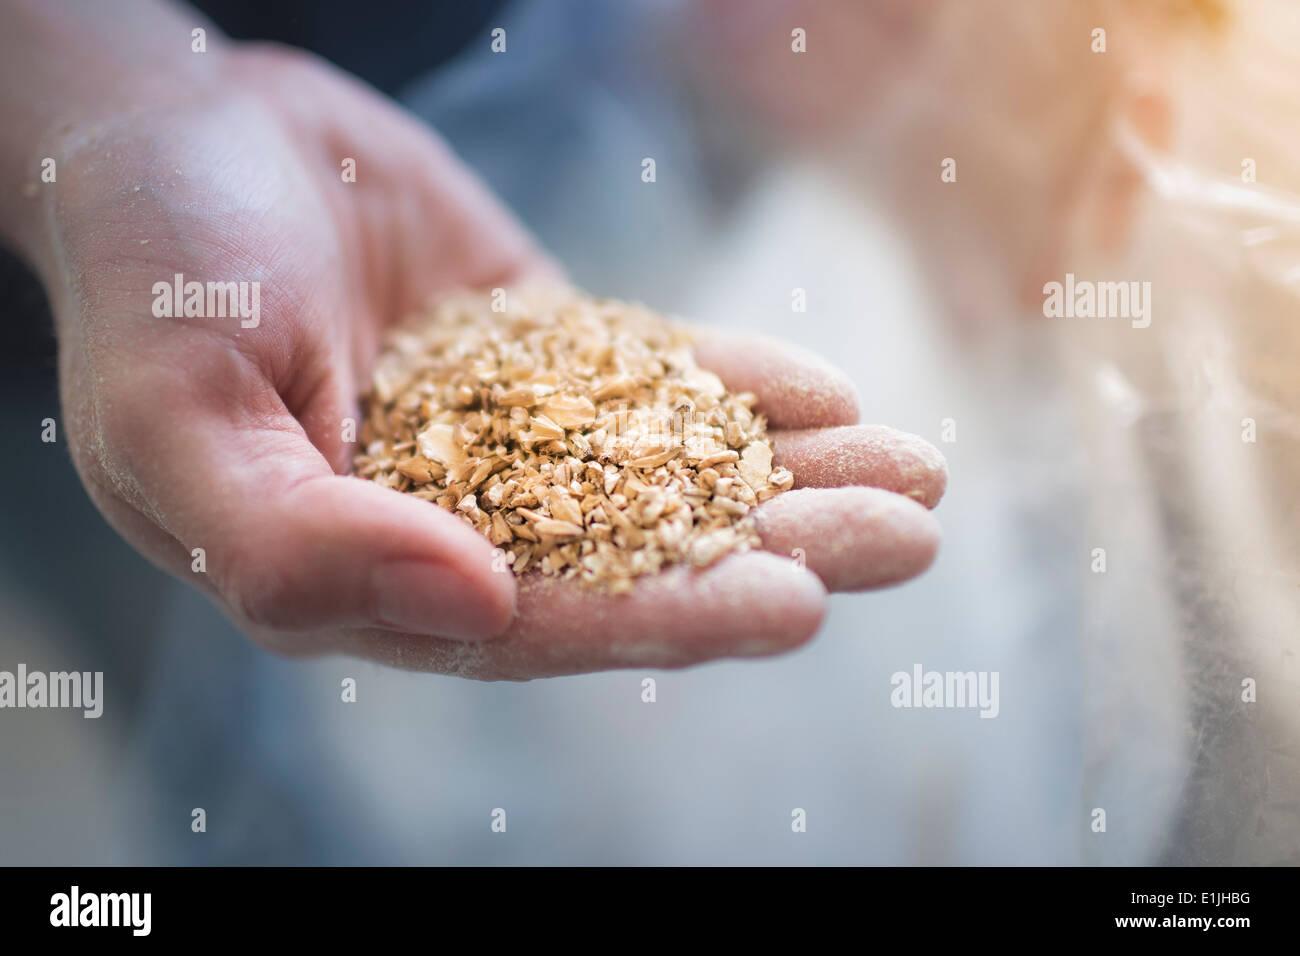 Cerca de machos mano sosteniendo dos filas grano para elaborar cerveza en casa Imagen De Stock